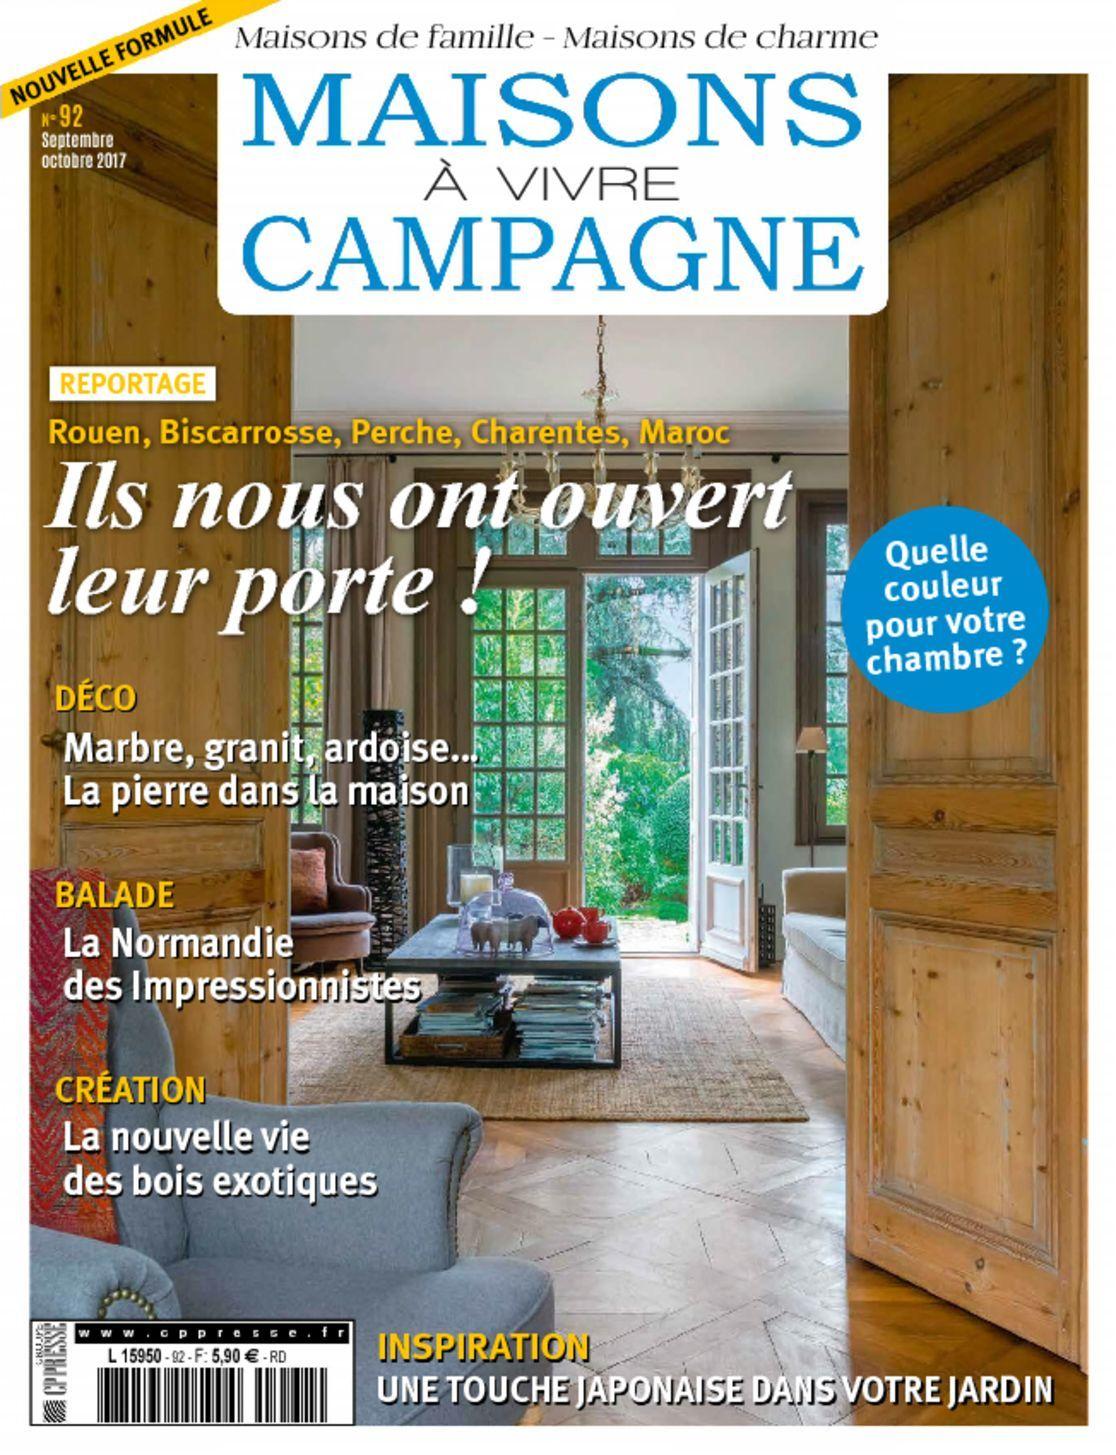 Maisons vivre campagne magazine digital - Maison a vivre magazine ...